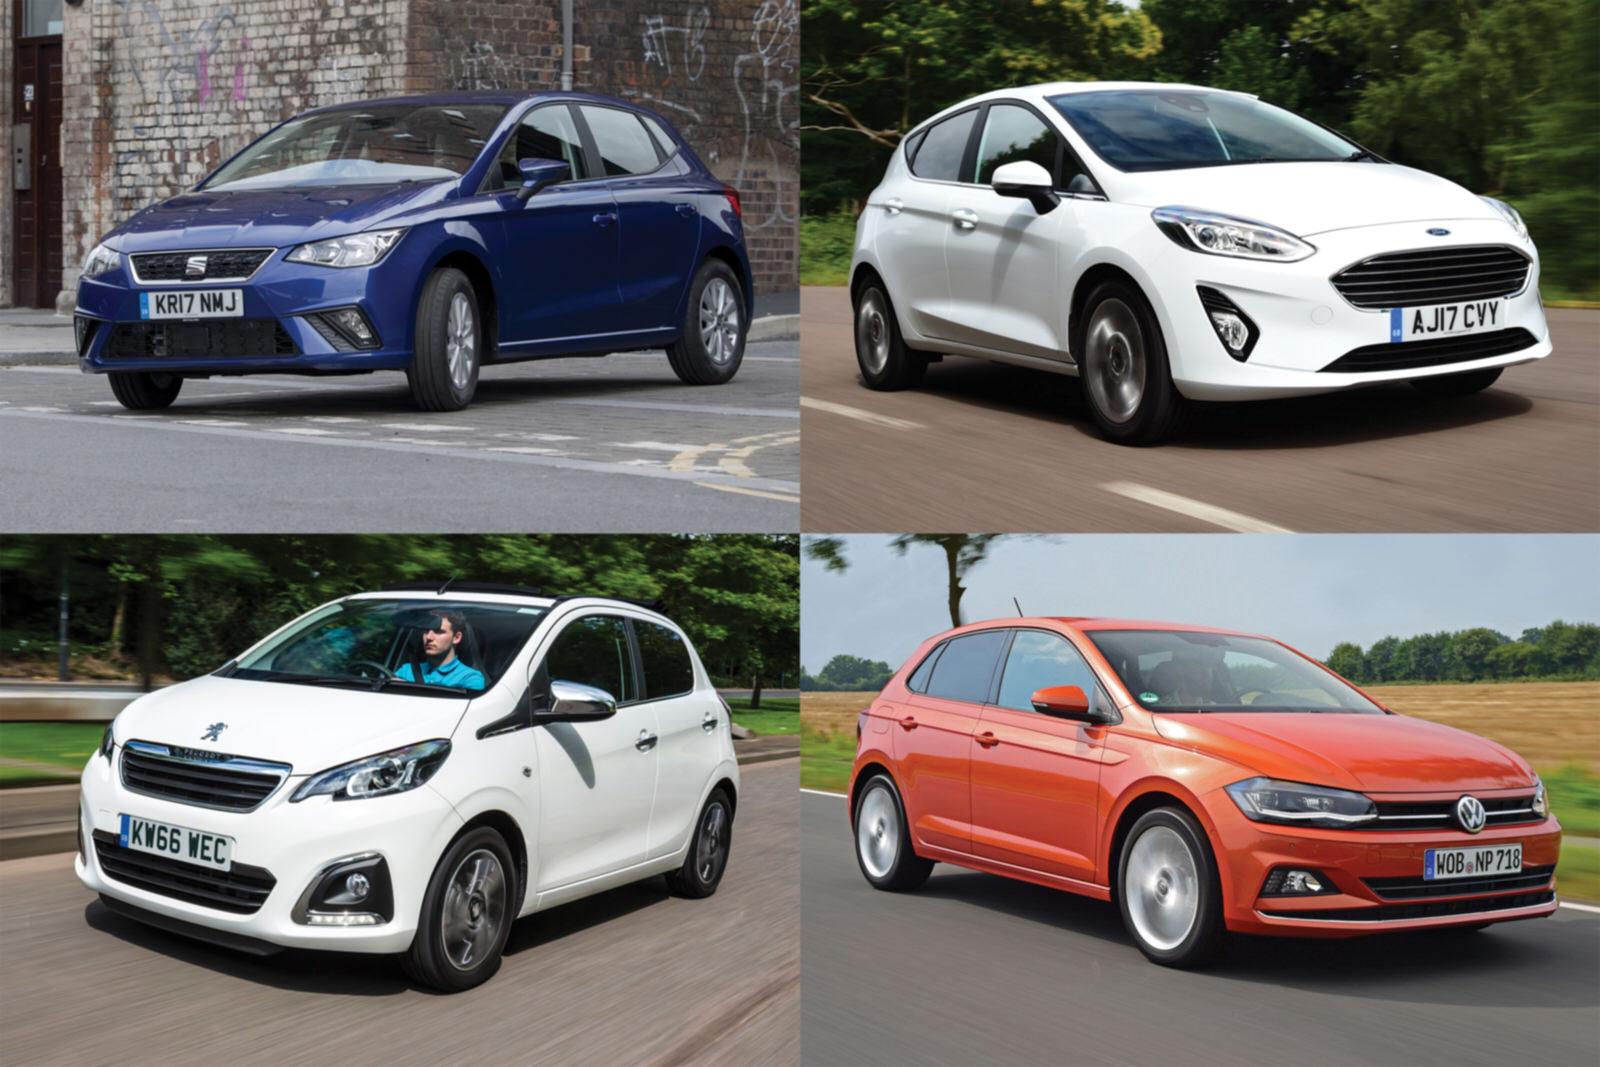 Immatricolazioni auto Marzo 2018: dati e classifica dei modelli più venduti in Italia